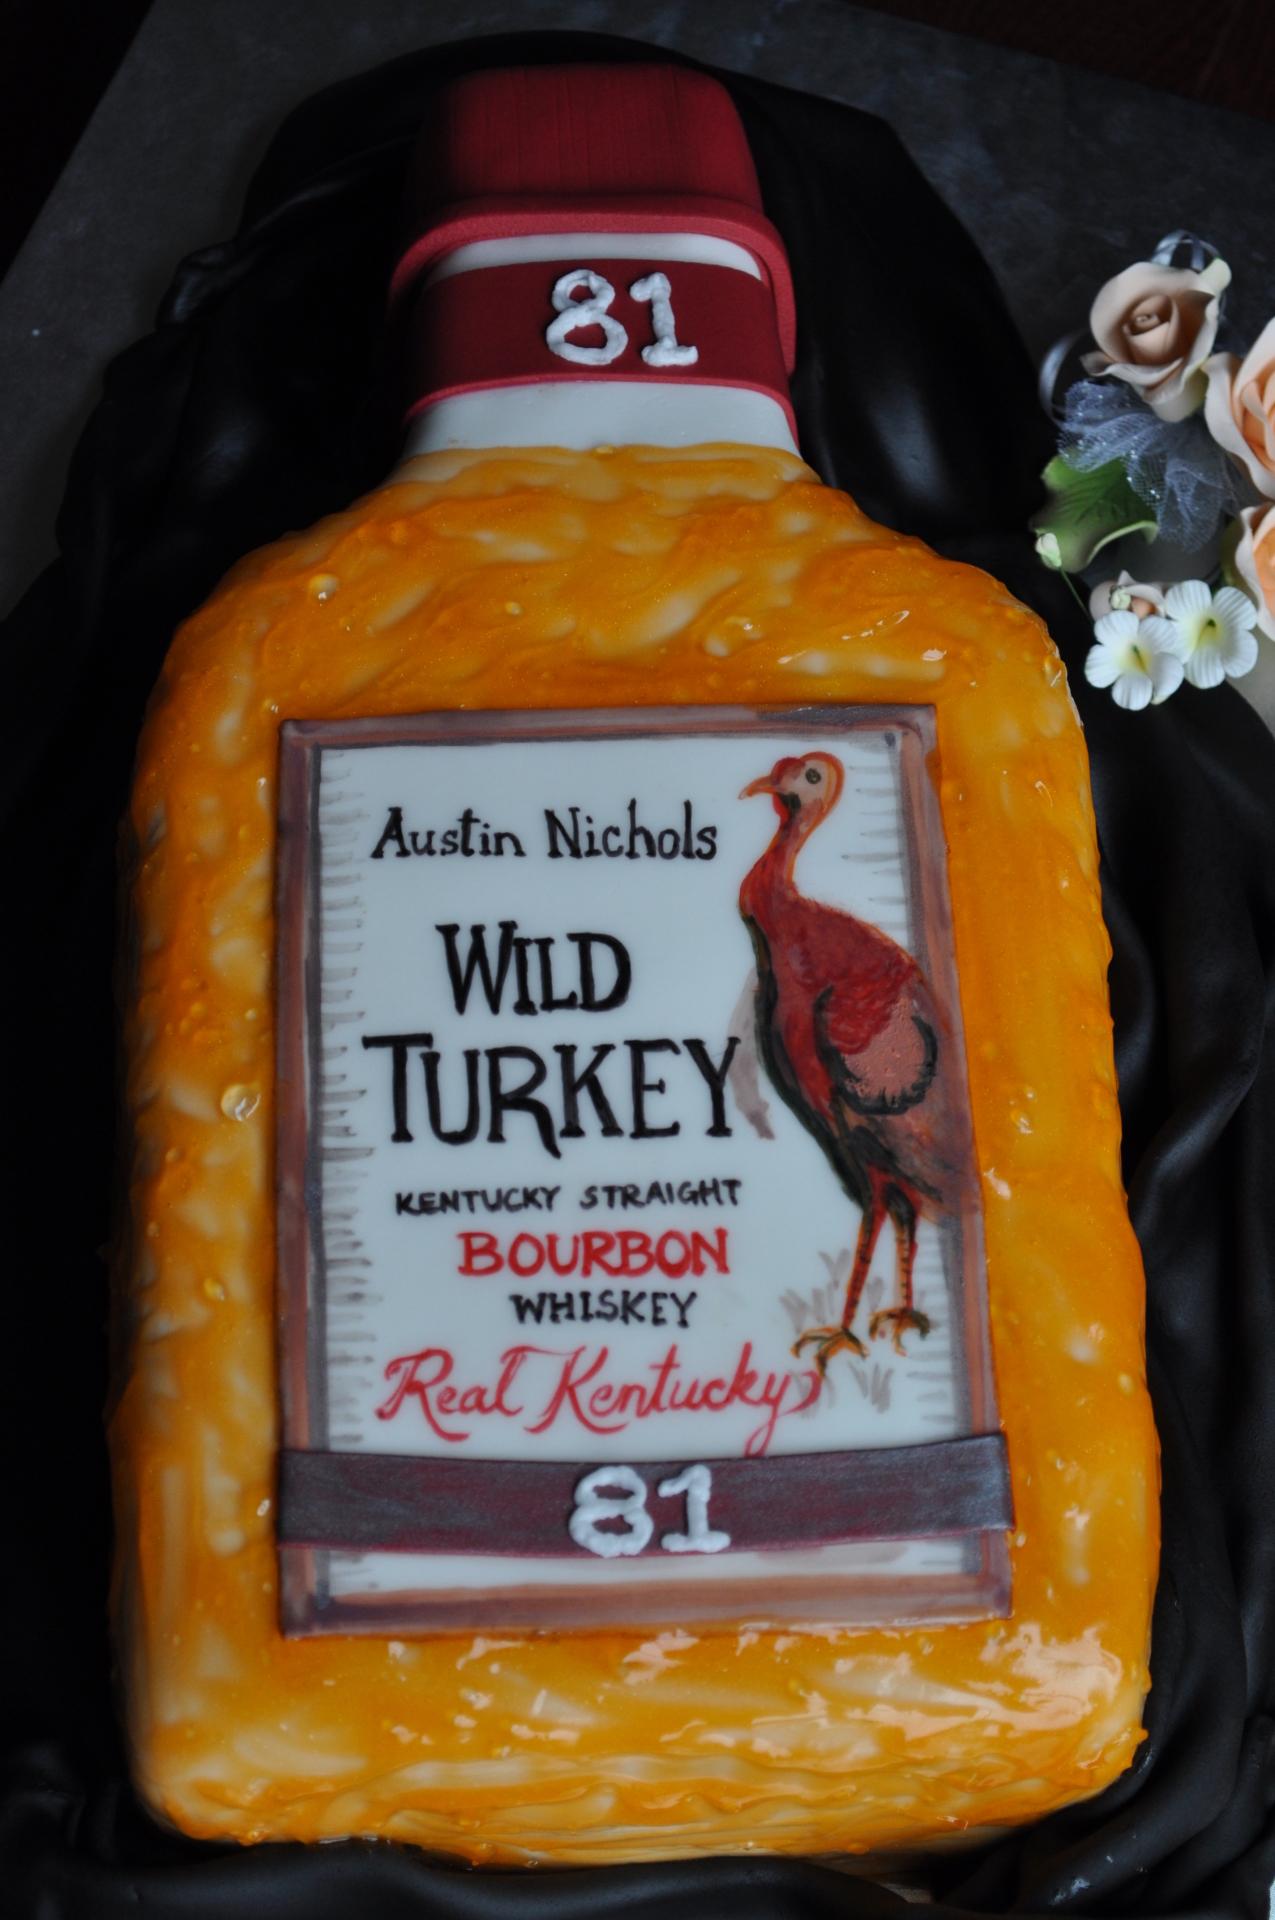 Whisky bottle cake,wild turkey bottle cake